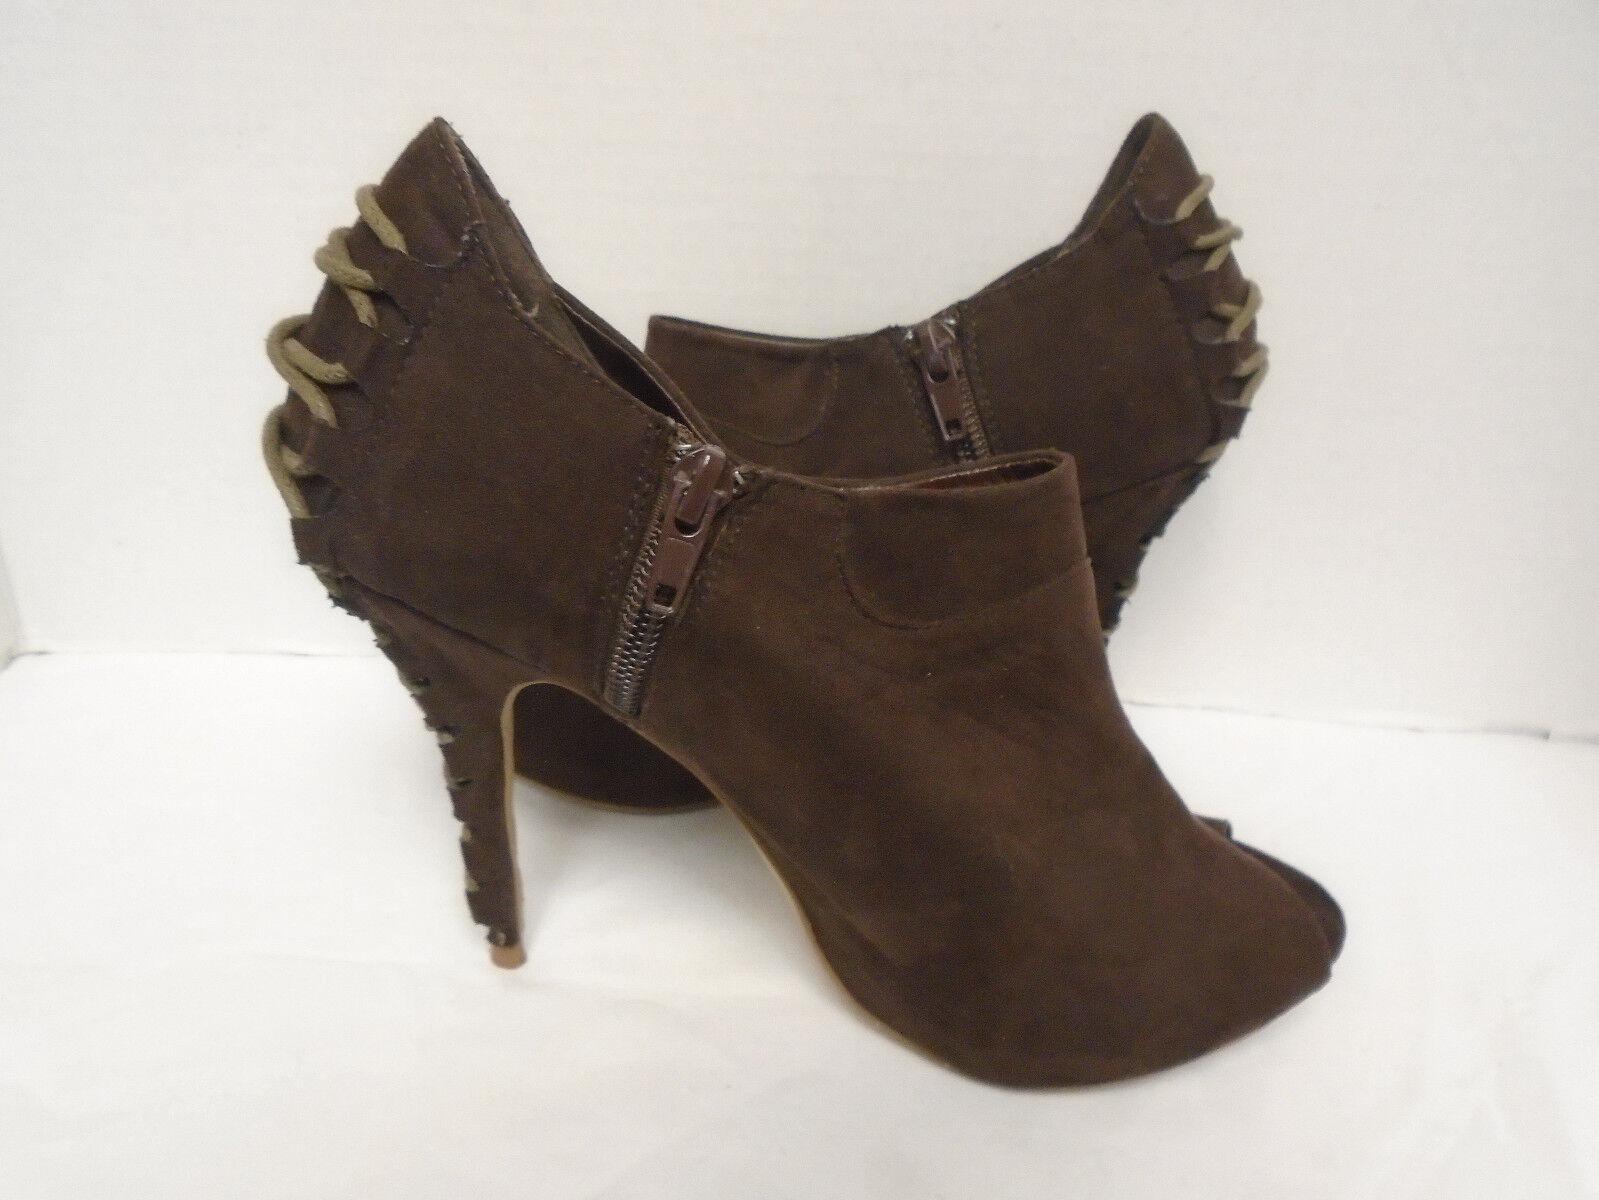 Miss Me Women's Brown Open Toe Heel Booties Size 7.5